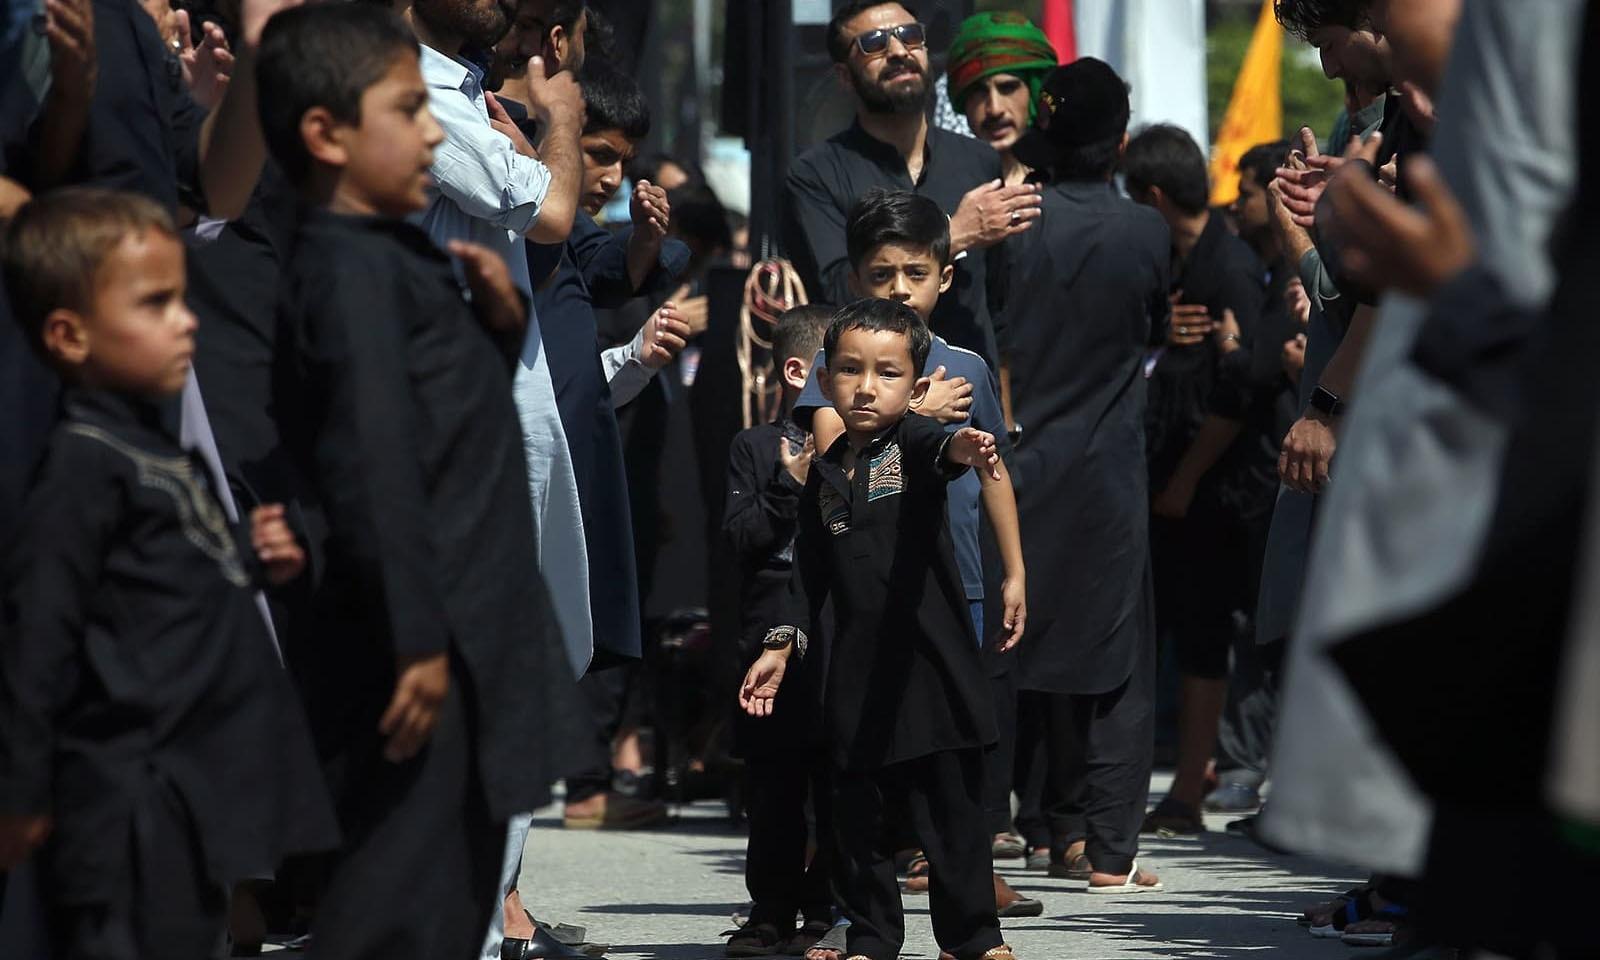 اسلام آباد بچوں نے بطور عزادار جلوس میں شرکت کی—فوٹو: اے ایف پی